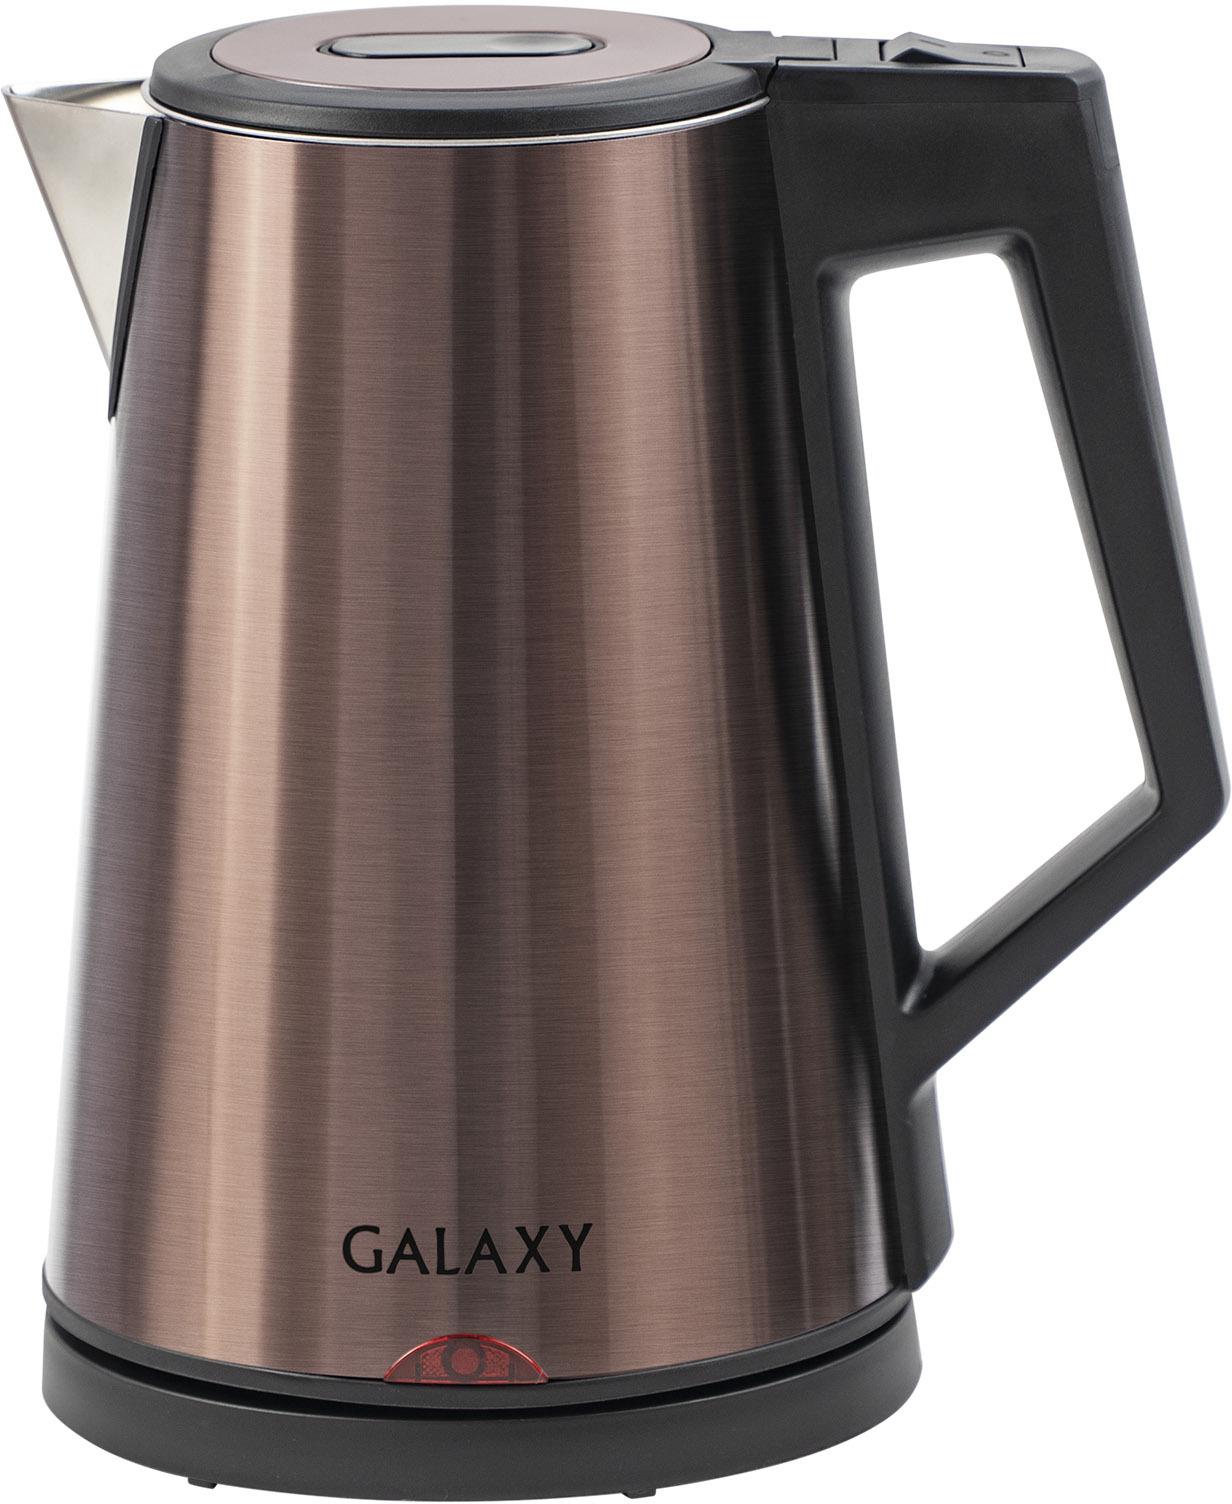 Электрический чайник Galaxy GL 0320559140Чайник электрический Galaxy GL 0320. Ключевые характеристики: Brand: Galaxy Тип: Чайник термос Мощность, Вт: 2000 Объем, л: 1,7 Материал: Нержавеющая сталь Количество температурных режимов: 1 Термоизолированный корпус: Да Вращение 360°: Да Отсек для хранения шнура: Да Частота сети, Гц: 50 Напряжение сети, В: 220 Вес нетто, кг: 1,22 Вес брутто, кг: 1,663 Габариты упаковки, см: 22,5 x 17 x 24,5 Гарантия, г: 1 EAN13: 4650067304953 Модель: Galaxy GL 0320 .ОПИСАНИЕ. Электрический трехстеночный чайник GALAXY GL0320 (бронзовый) Благодаря высокой мощности чайника в 2000 Вт, вы сможете быстро вскипятить воду. Тройные стенки из нержавеющей стали класса 18/10, пищевого пластика и нержавеющей стали класса 430 создают эффект термоса, сохраняя воду горячей долгое время. Чайник не нужно будет подогревать и вы сможете экономить на электроэнергии. Корпус данной модели выполнен в стильном дизайне и украсит интерьер вашей кухни. • Мощность 2000 Вт. • Объем 1,7 л. • Тройные стенки из нержавеющих сталей 18/10 и 430 и пищевого пластика. • Скрытый нагревательный элемент. • Автоотключение при закипании. • Автоотключение при отсутствии воды. • Индикатор работы • Указатель максимального уровня воды • Параметры питания, В/Гц:220-240/50